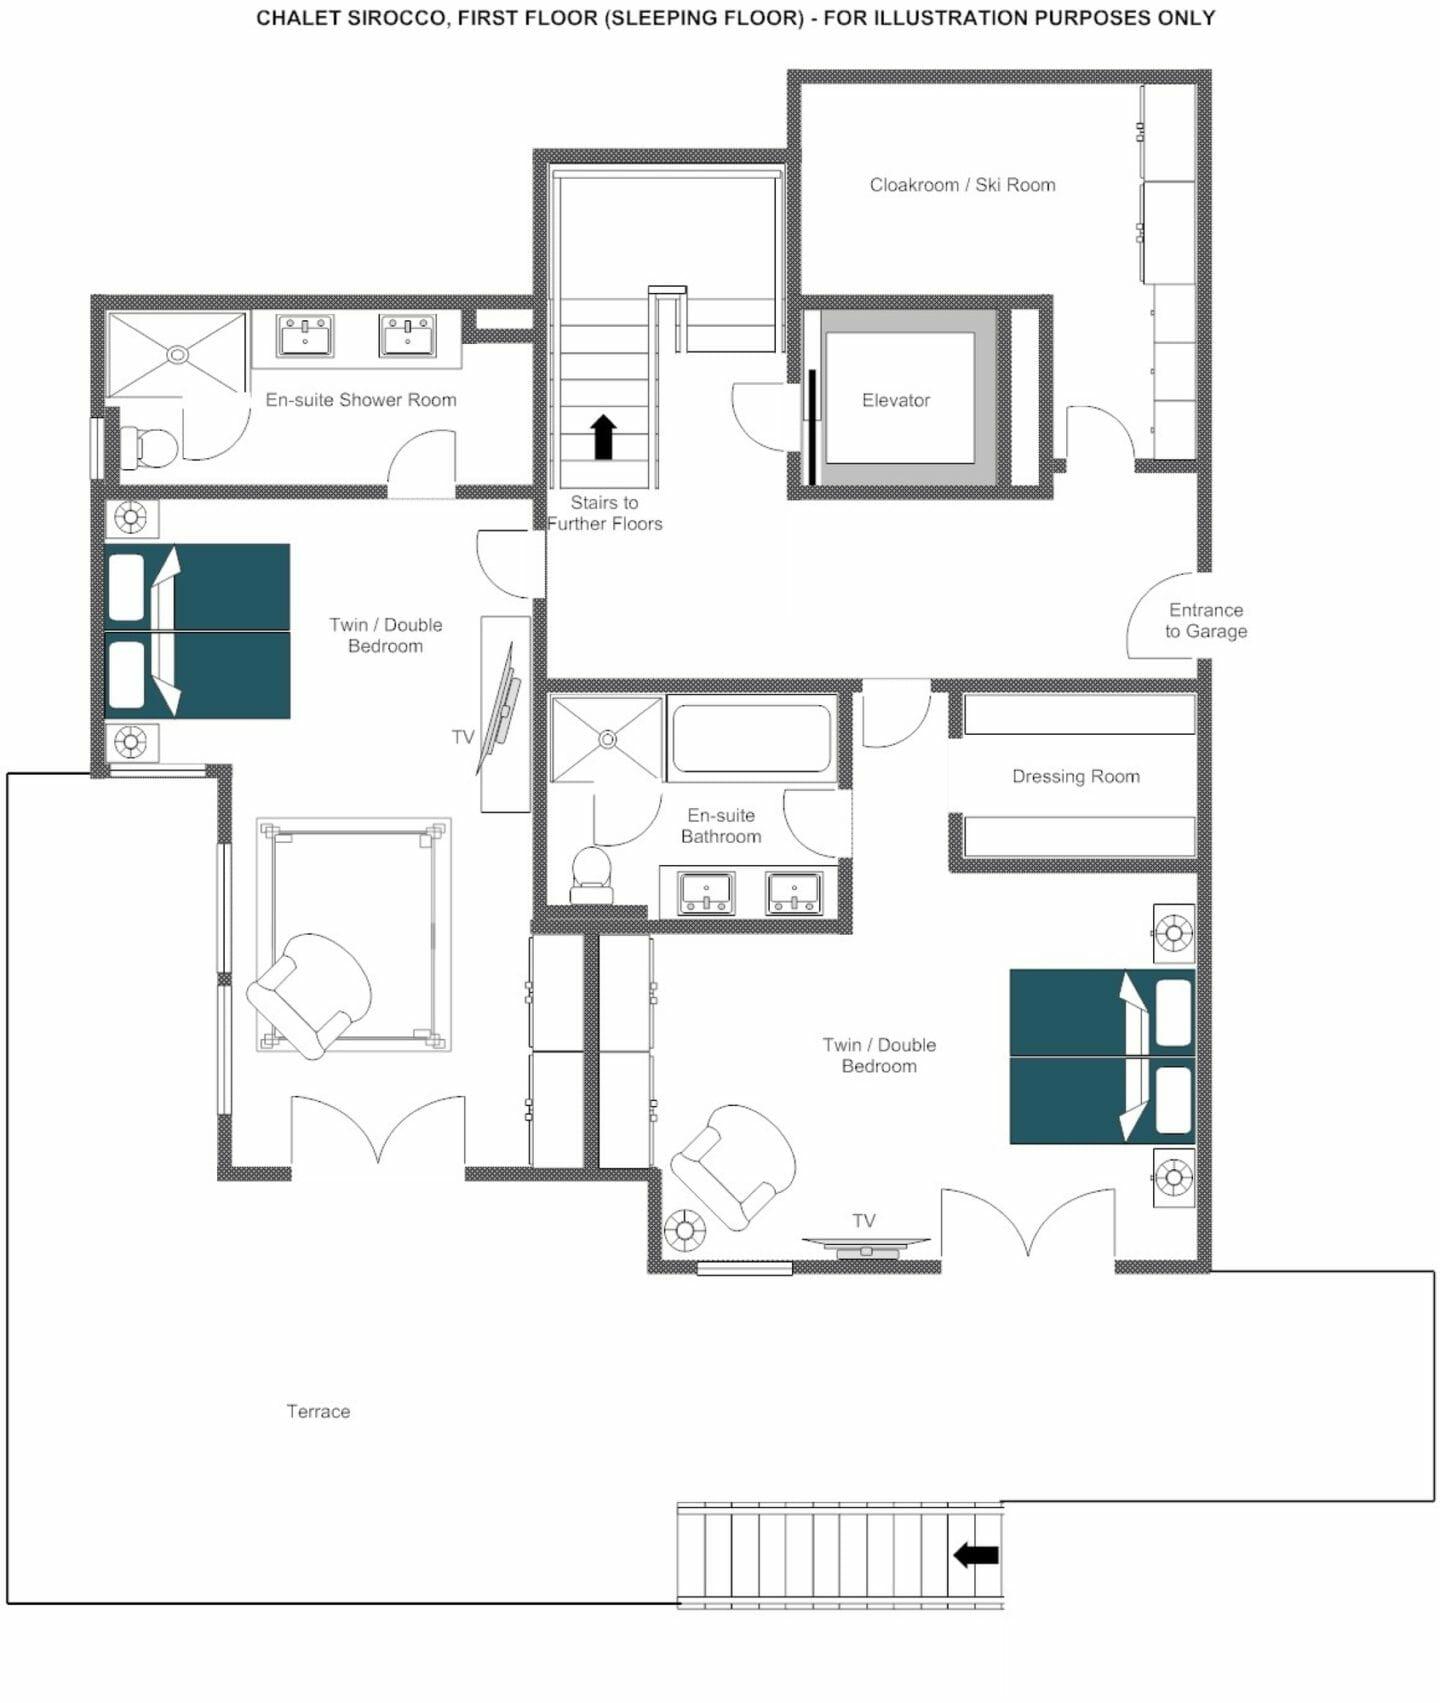 First Floor floor plans Chalet Sirocco, Verbier